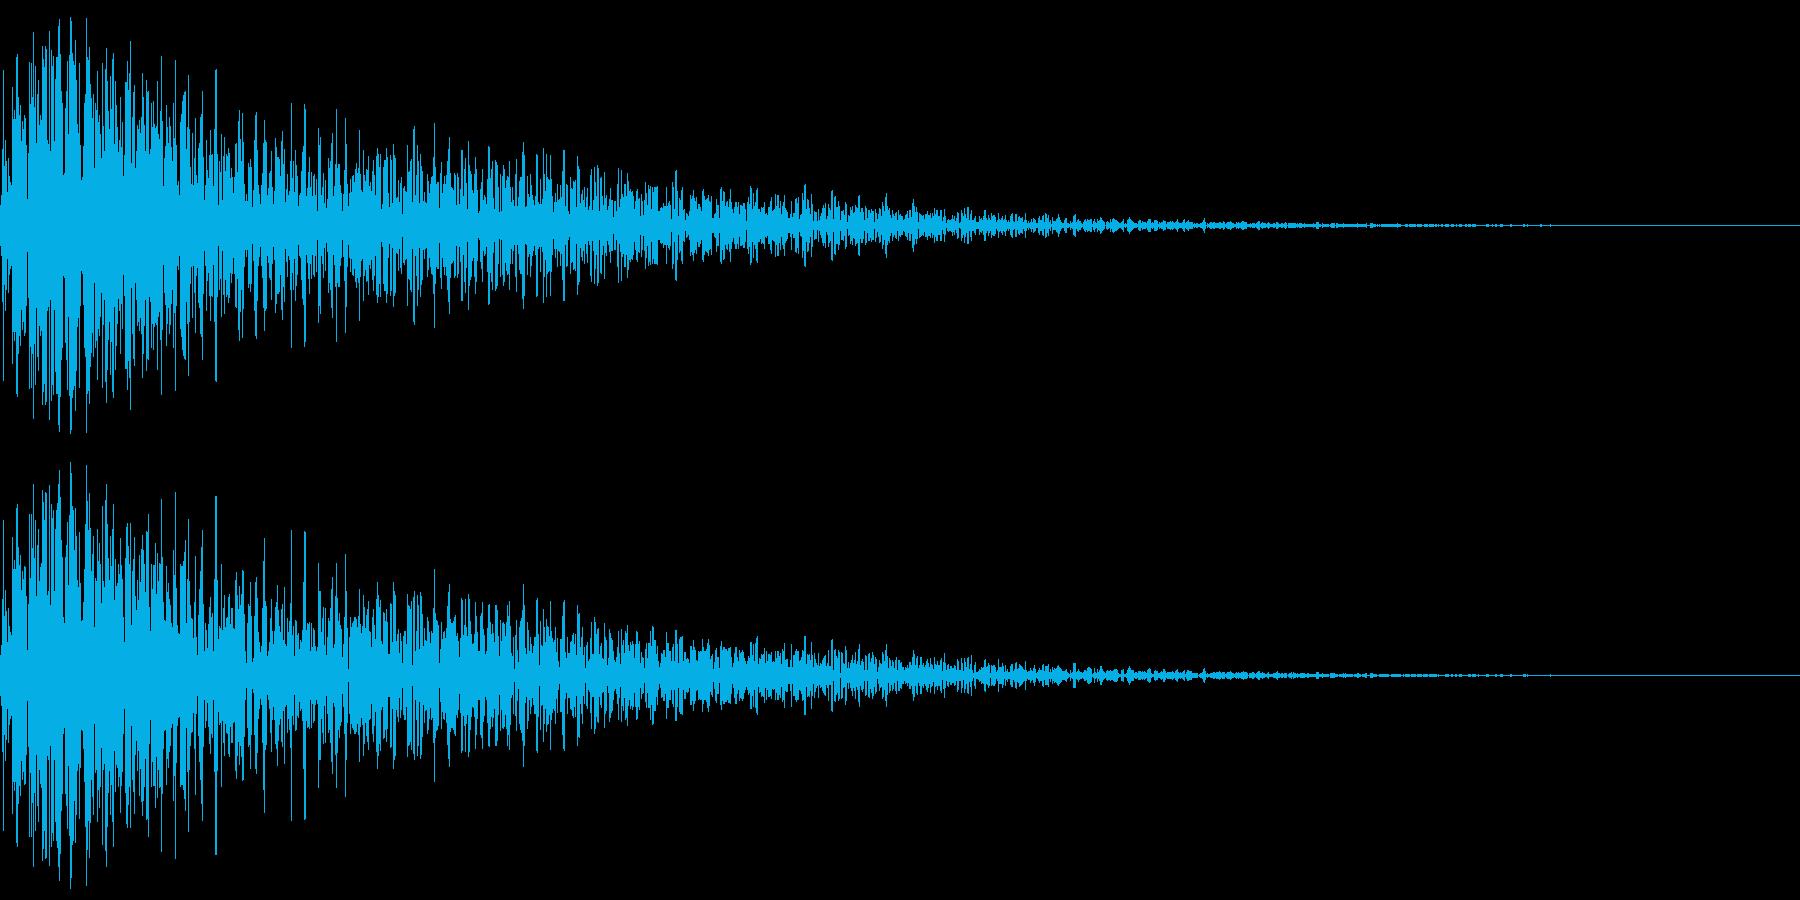 明るく厚みのあるボタン音(ジャン)の再生済みの波形